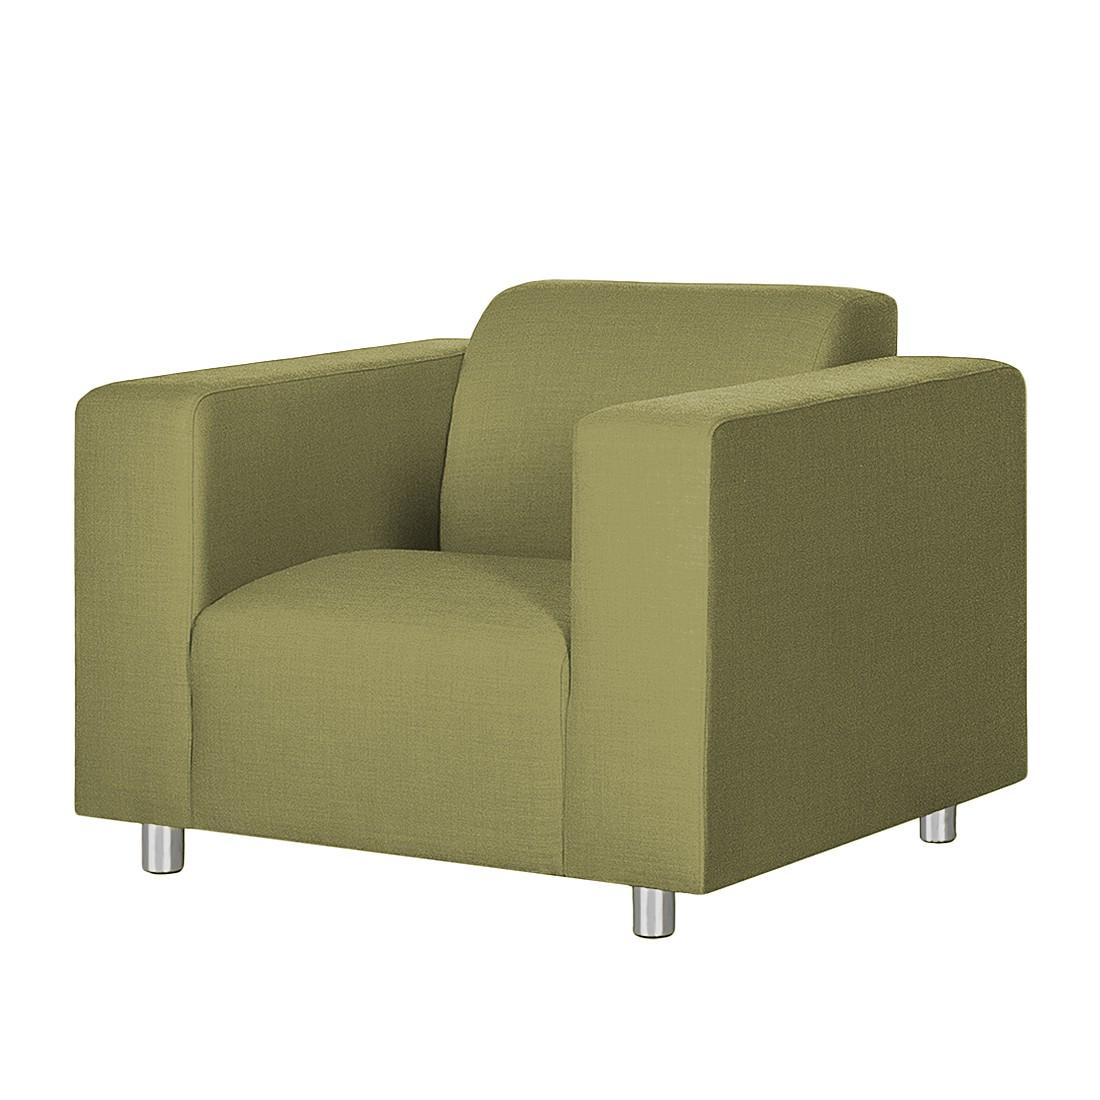 sessel oslo webstoff olivgr n roomscape online bestellen. Black Bedroom Furniture Sets. Home Design Ideas